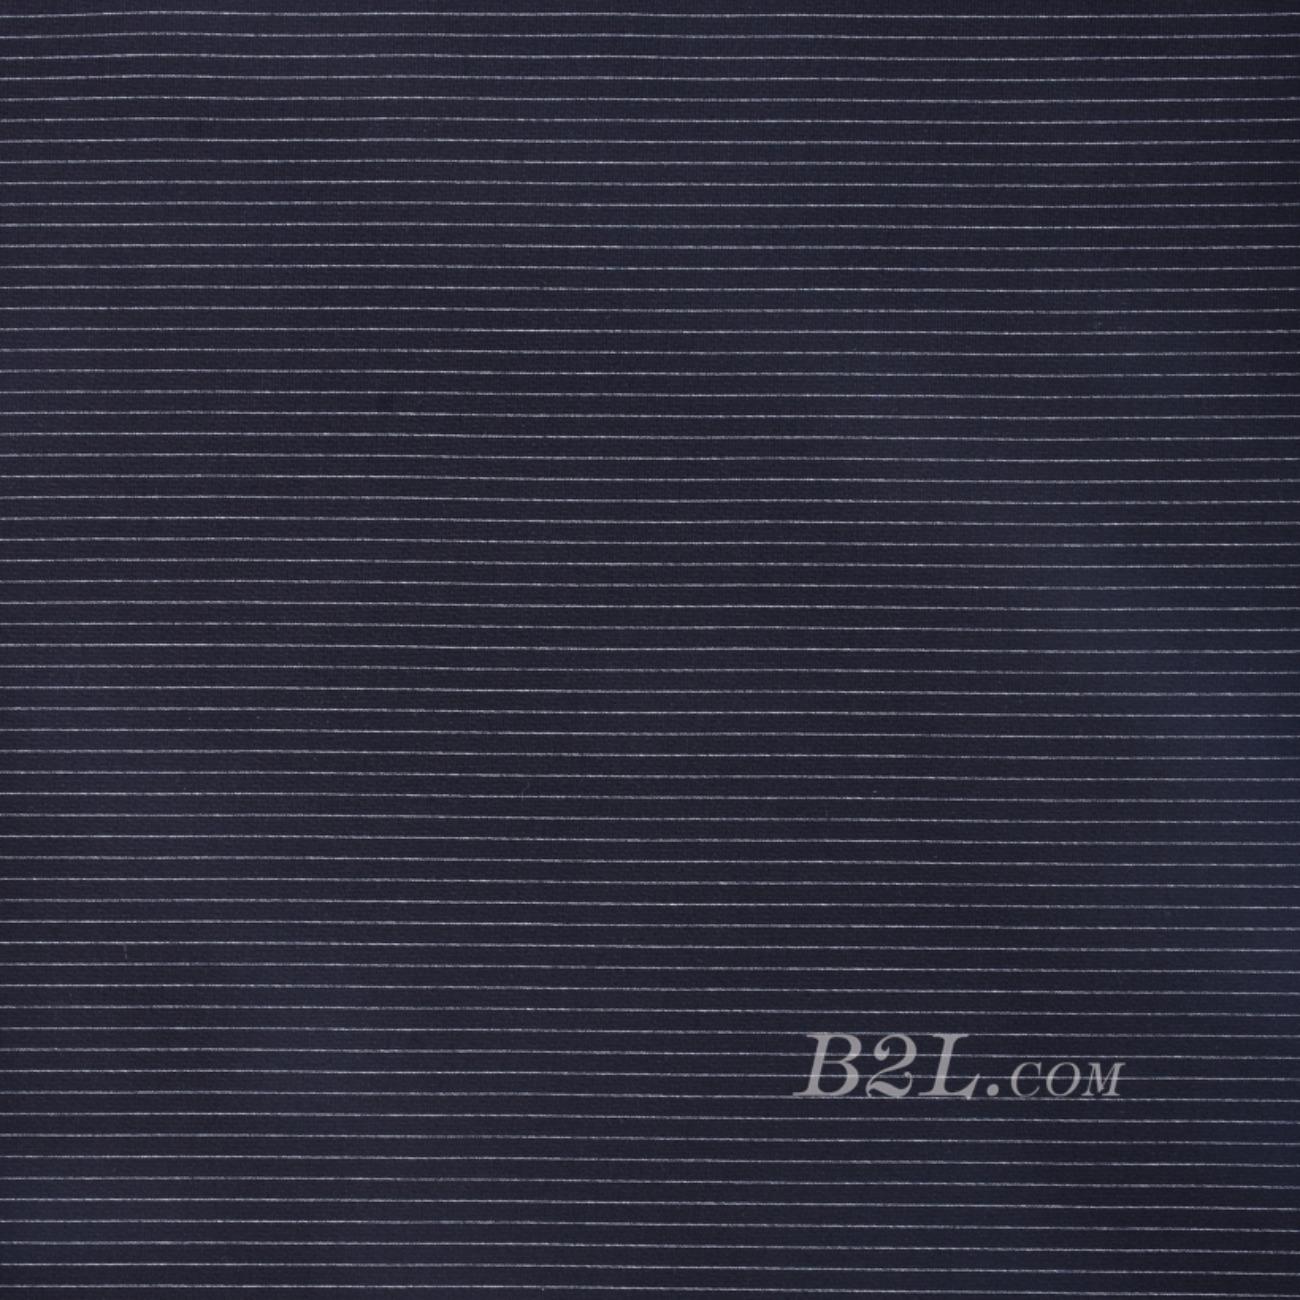 条子 横条 圆机 针织 纬编 T恤 针织衫 连衣裙 棉感 弹力 60311-48